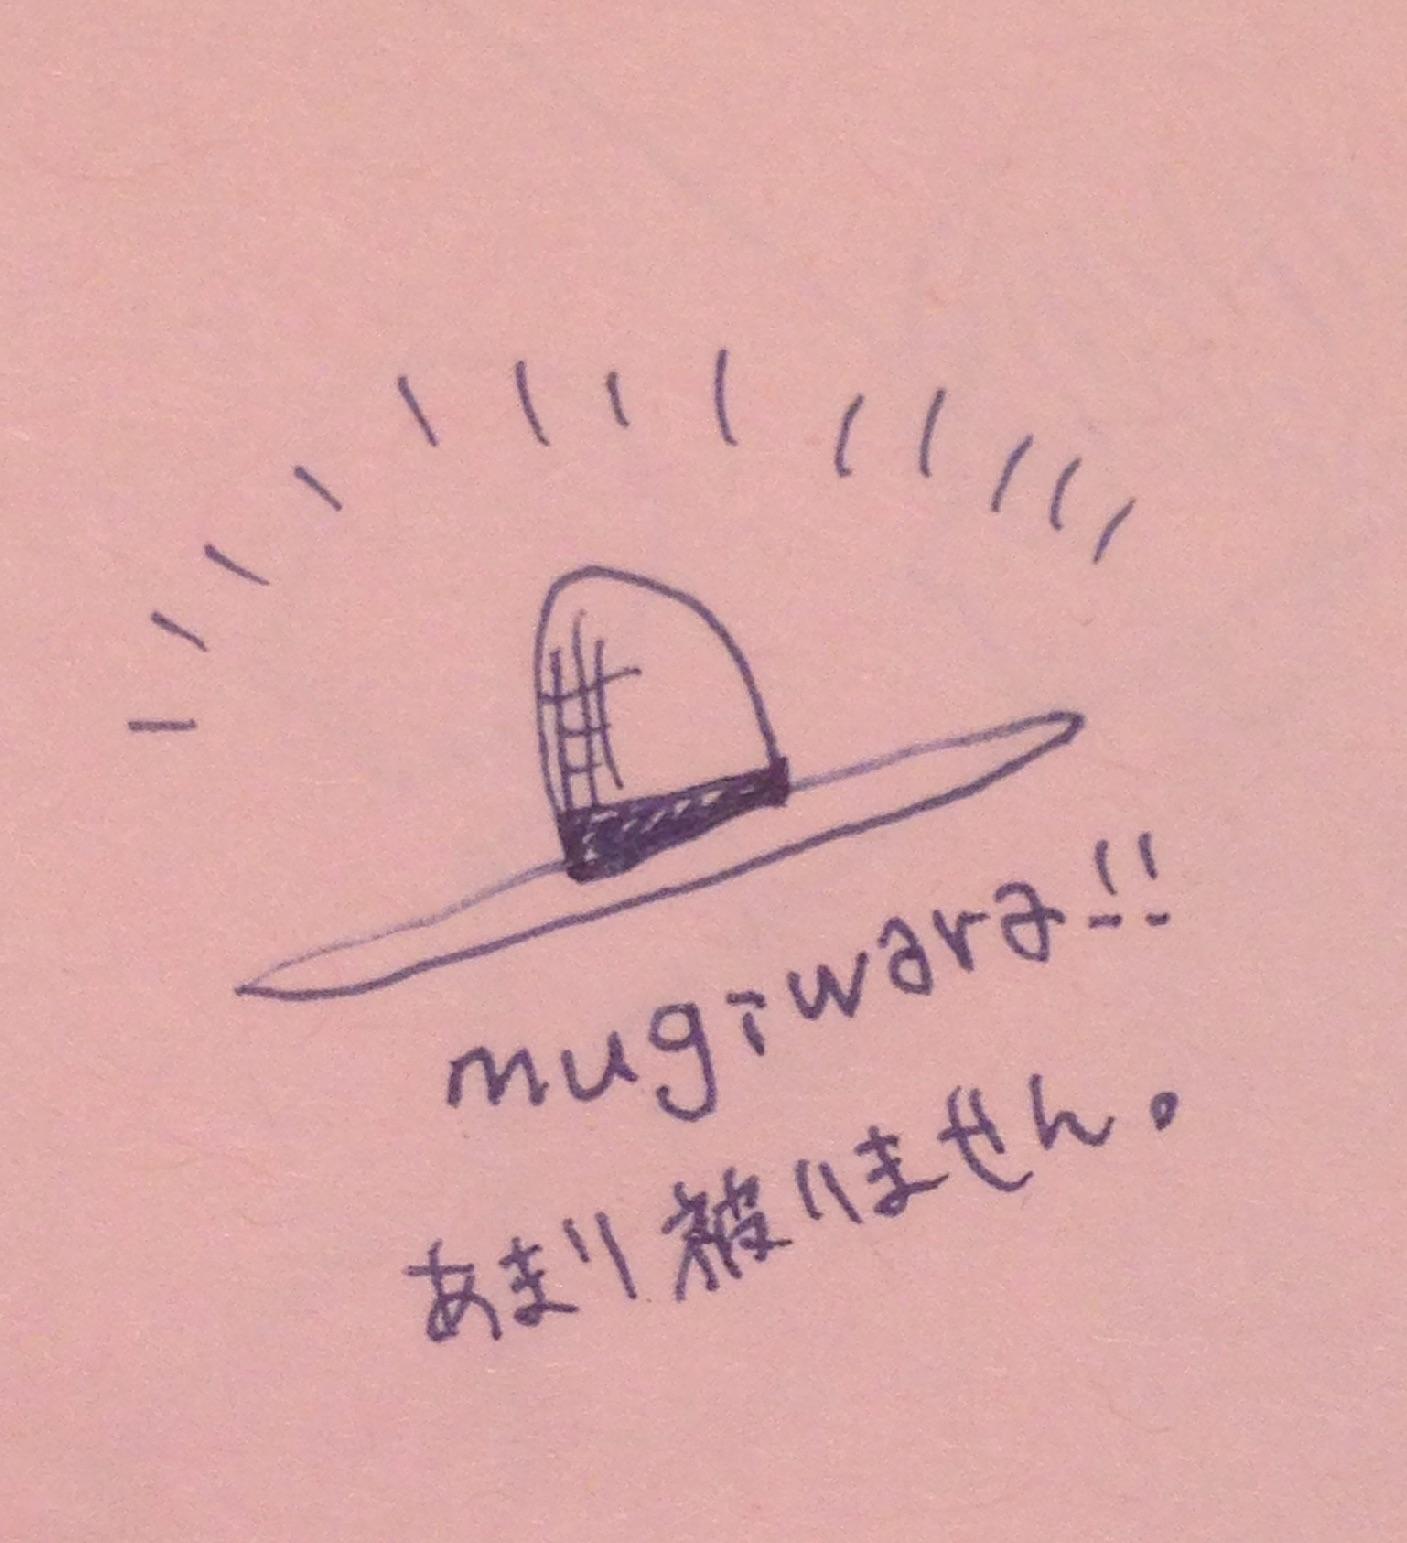 mugiwara!@摂理の味